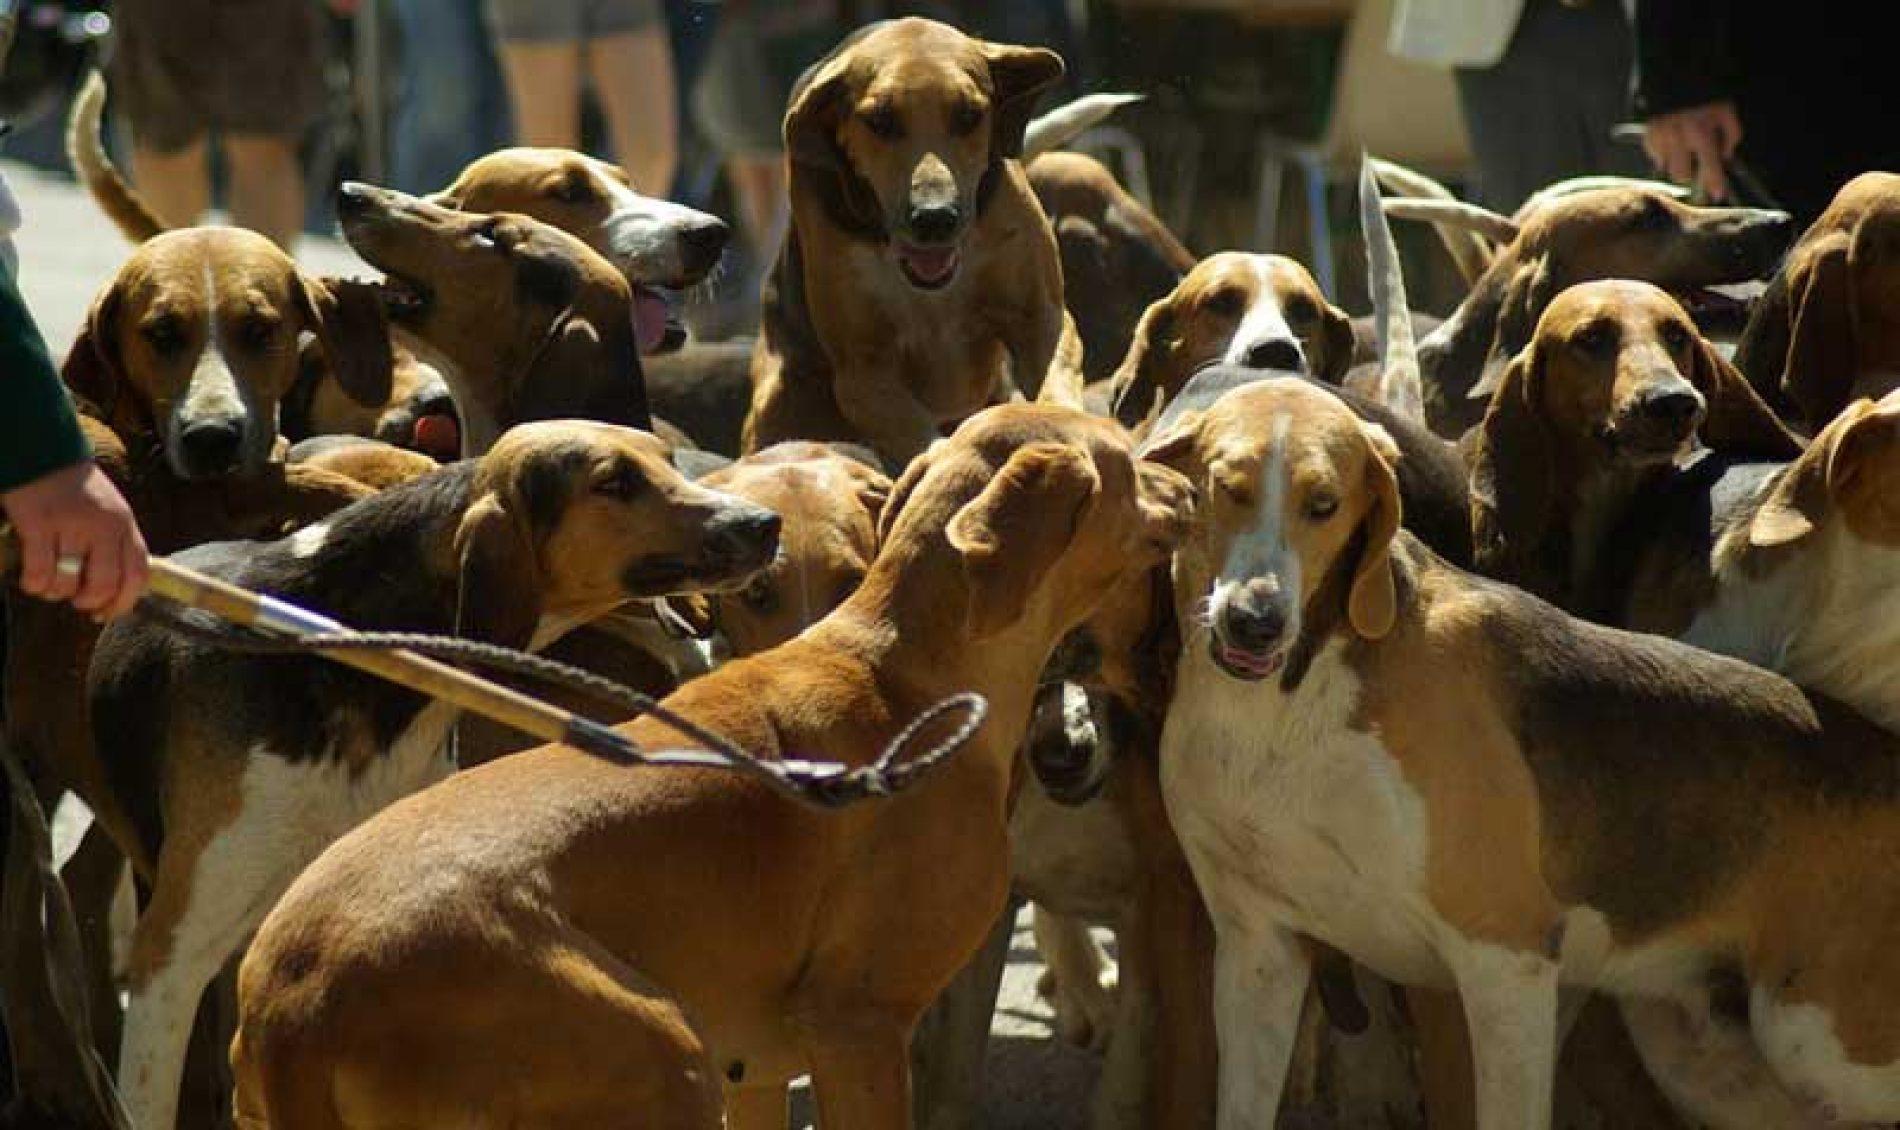 La ONC rechaza el anteproyecto de ley de bienestar animal De Castilla La Mancha